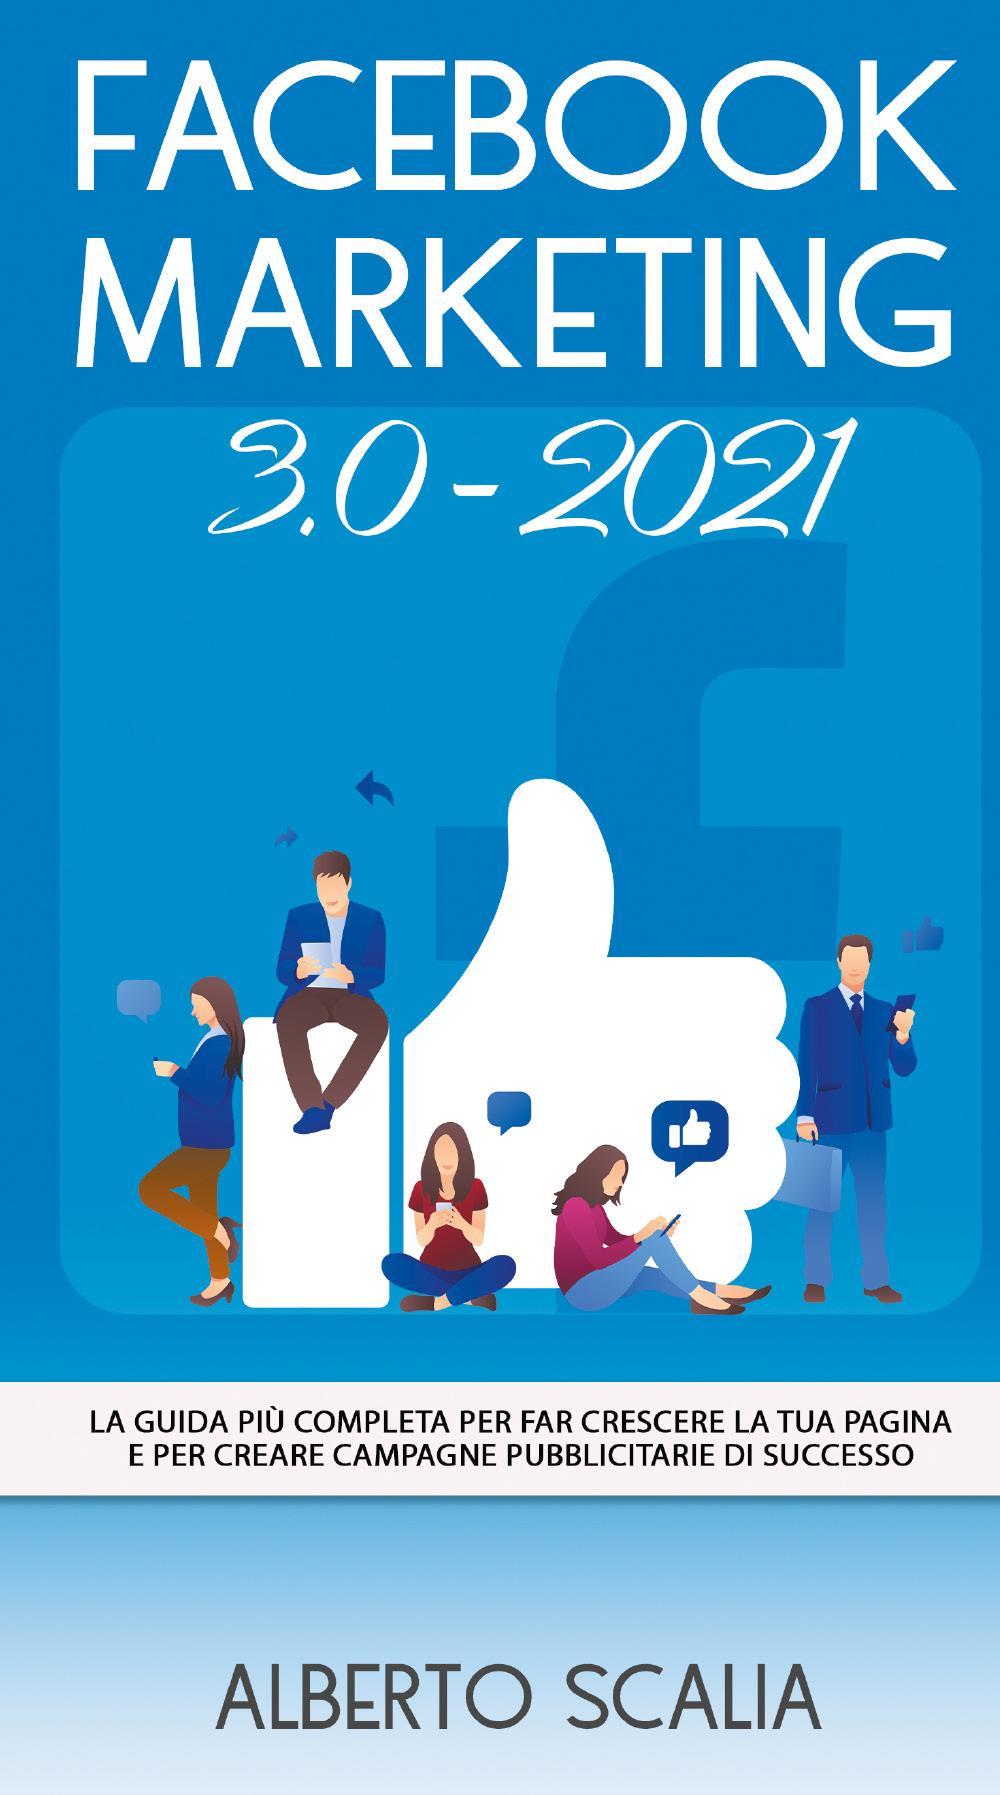 FACEBOOK MARKETING 3.0 2021; La Guida Più Completa Per Far Crescere La Tua Pagina e Per Creare Campagne Pubblicitarie Di Successo